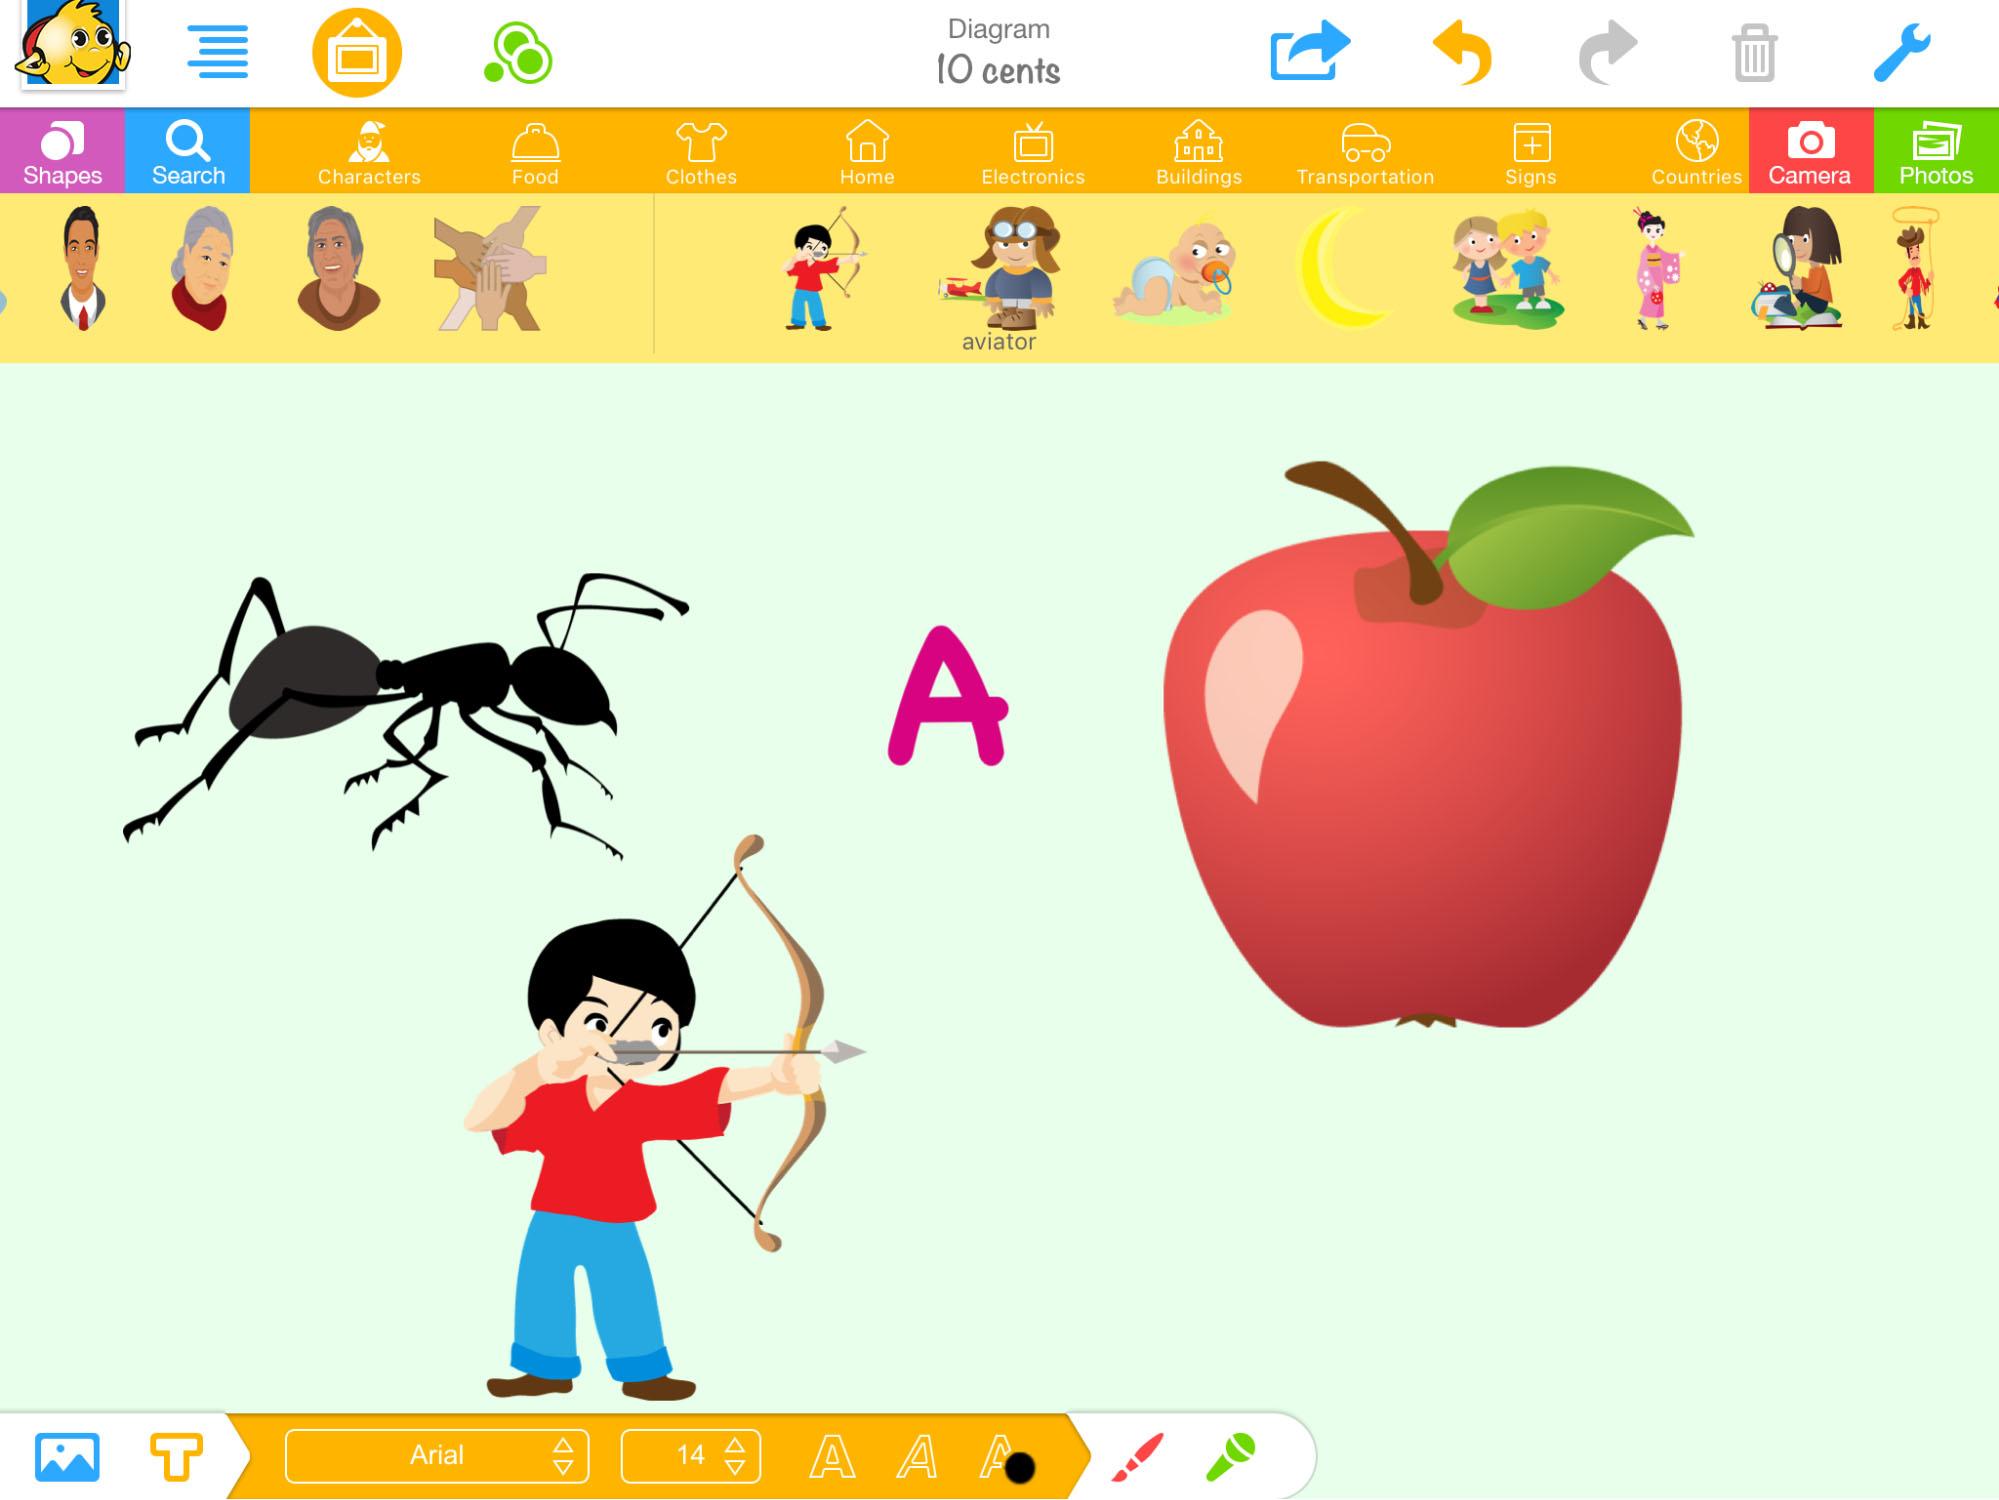 an animated boy aiming a bow and arrow at an apple